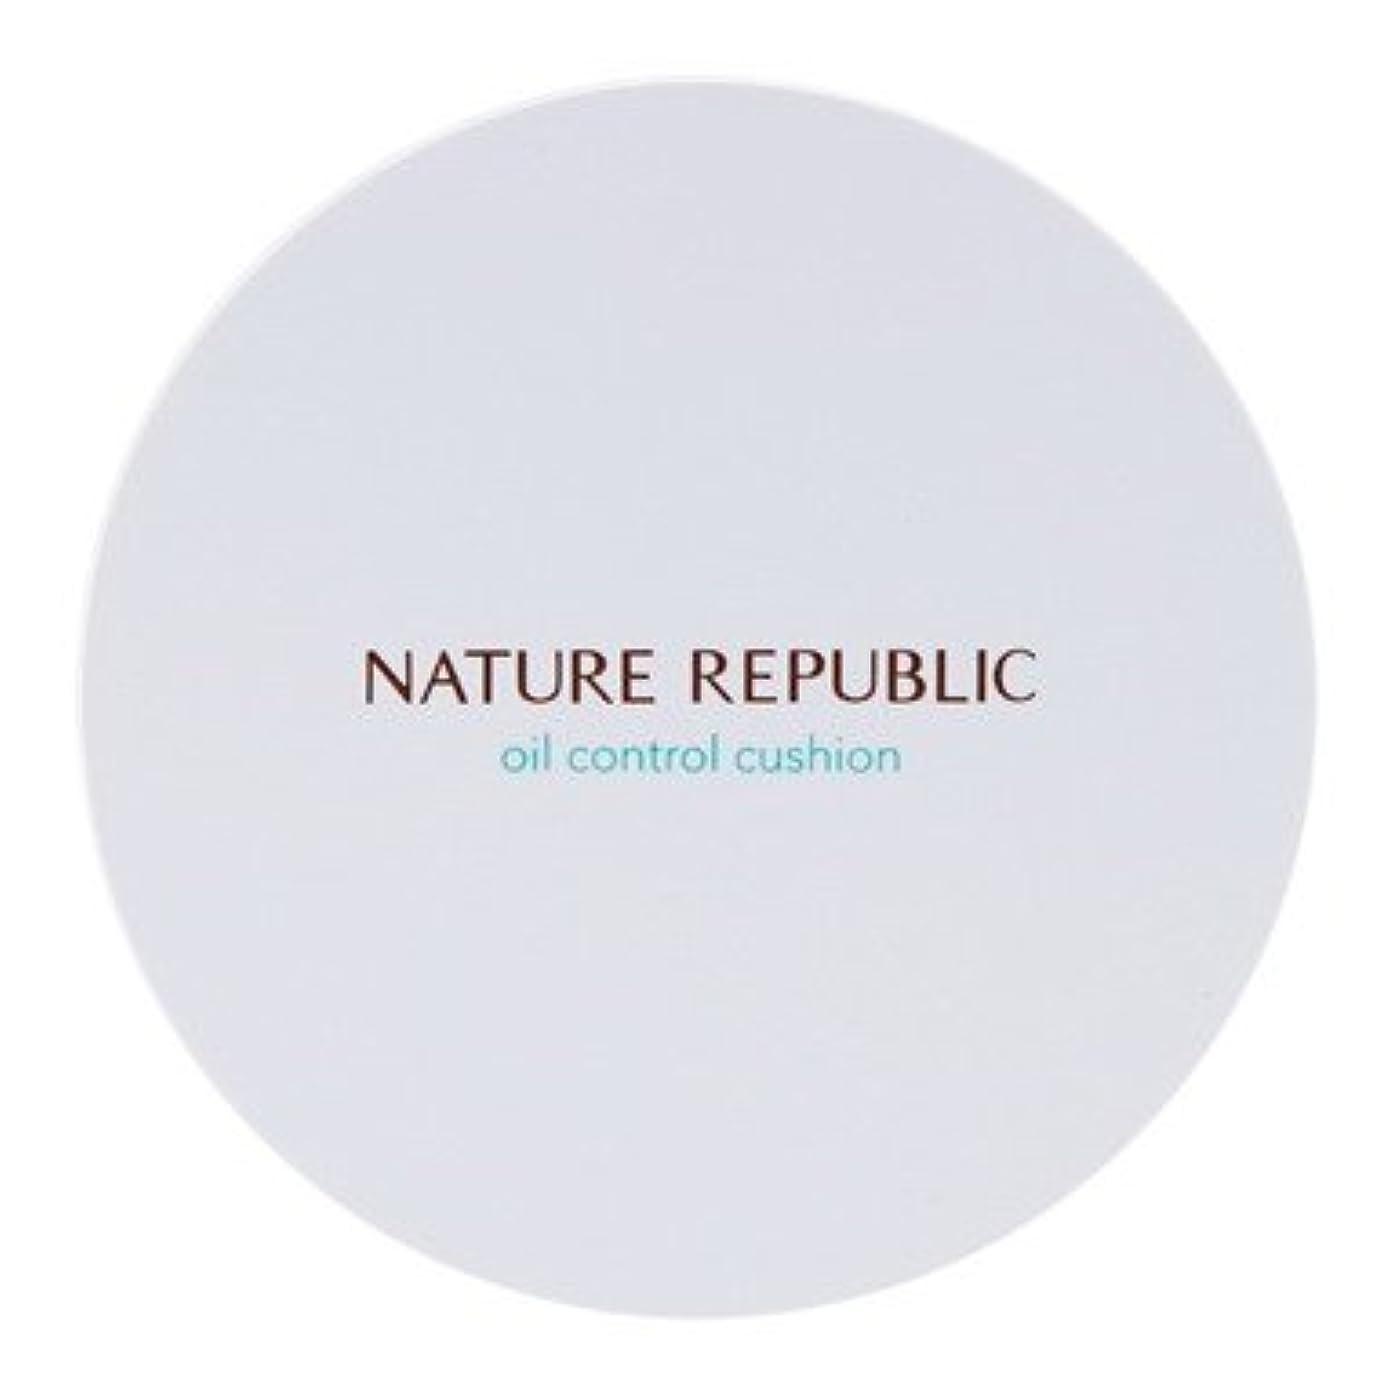 許す不変アレルギー性【NATURE REPUBLIC (ネイチャーリパブリック)】プロヴァンス エアスキンフィット オイルコントロール クッション 15g (SPF50+/ PA+++)(2カラー選択1) (02 ナチュラルベージュ) [並行輸入品]